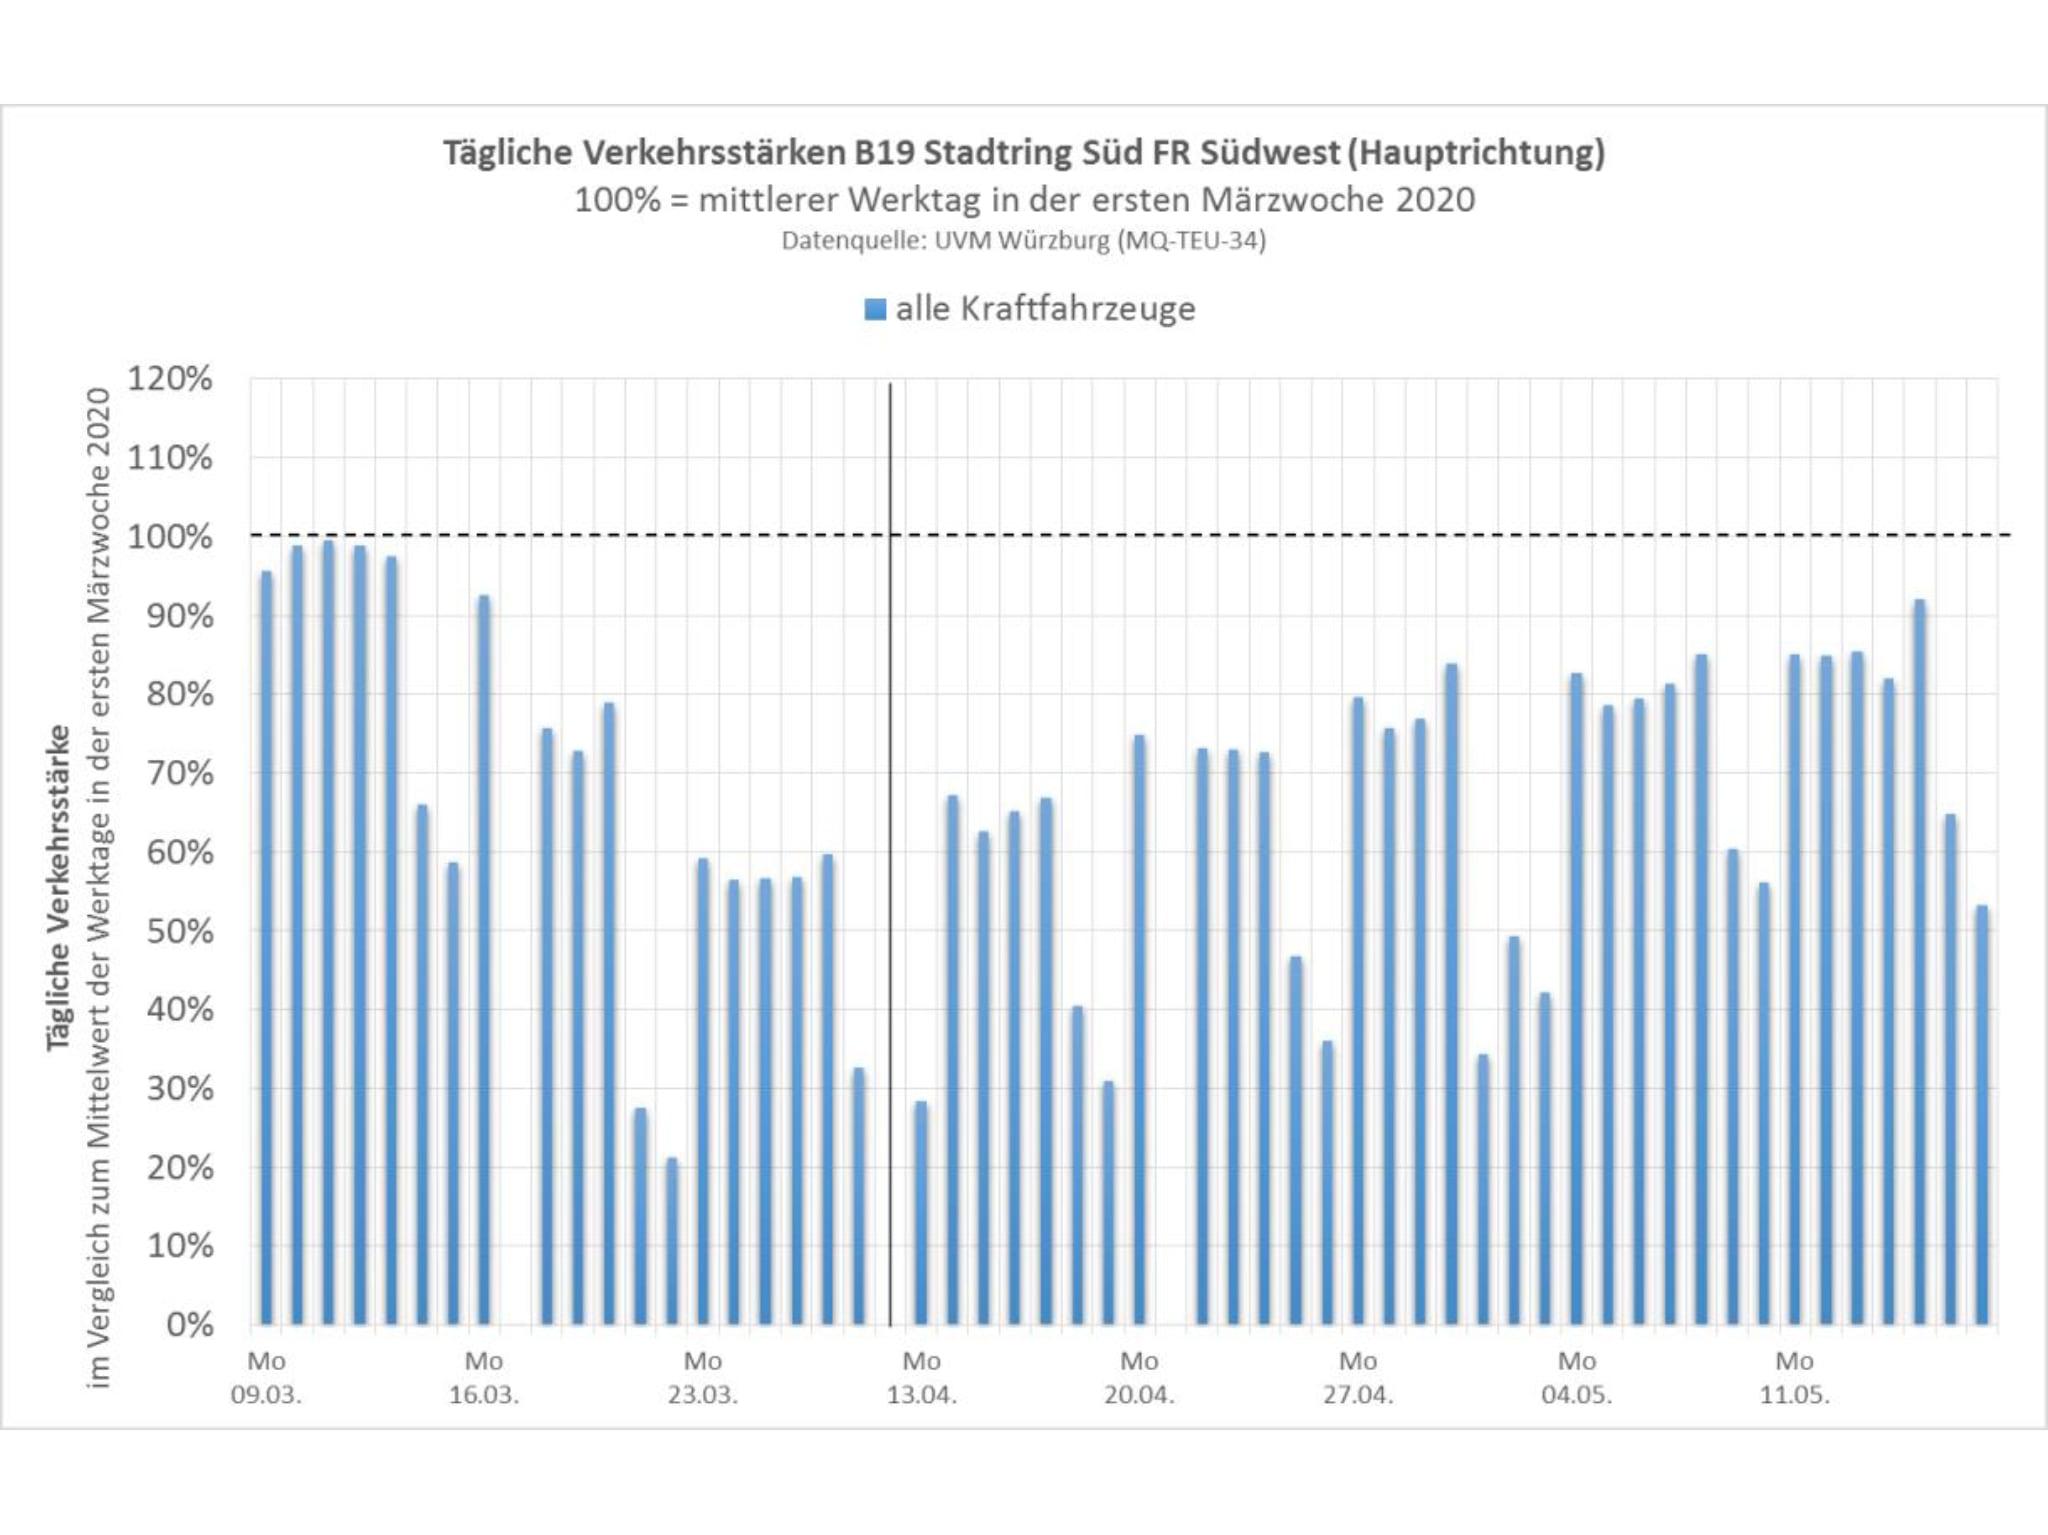 Südwest: Um den gesamten Zeitverlauf darstellen zu können, sind die Daten vom 27.03. bis zum 11.04. nicht gezeigt (lagen etwa auf dem Niveau der Vorwoche). Der 100%-Wert bezieht sich auf die mittlere Verkehrsstärke in den Werktagen der ersten Märzwoche. Grafik: Stadt Würzburg